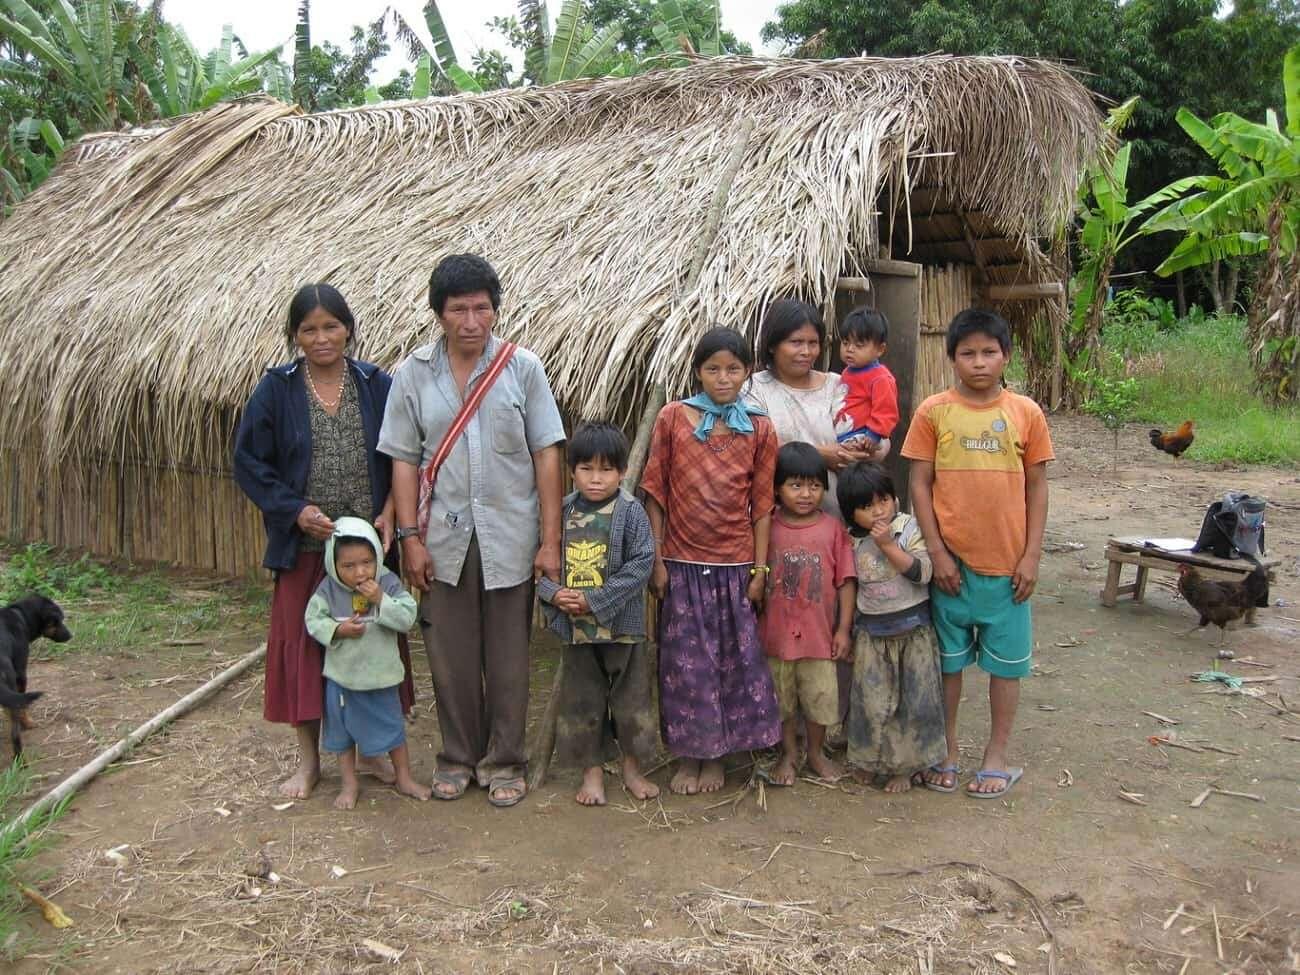 Mieszkańcy Amazonii mają niższą temperaturę ciała. Wszystko zaczęło się 18 lat temu